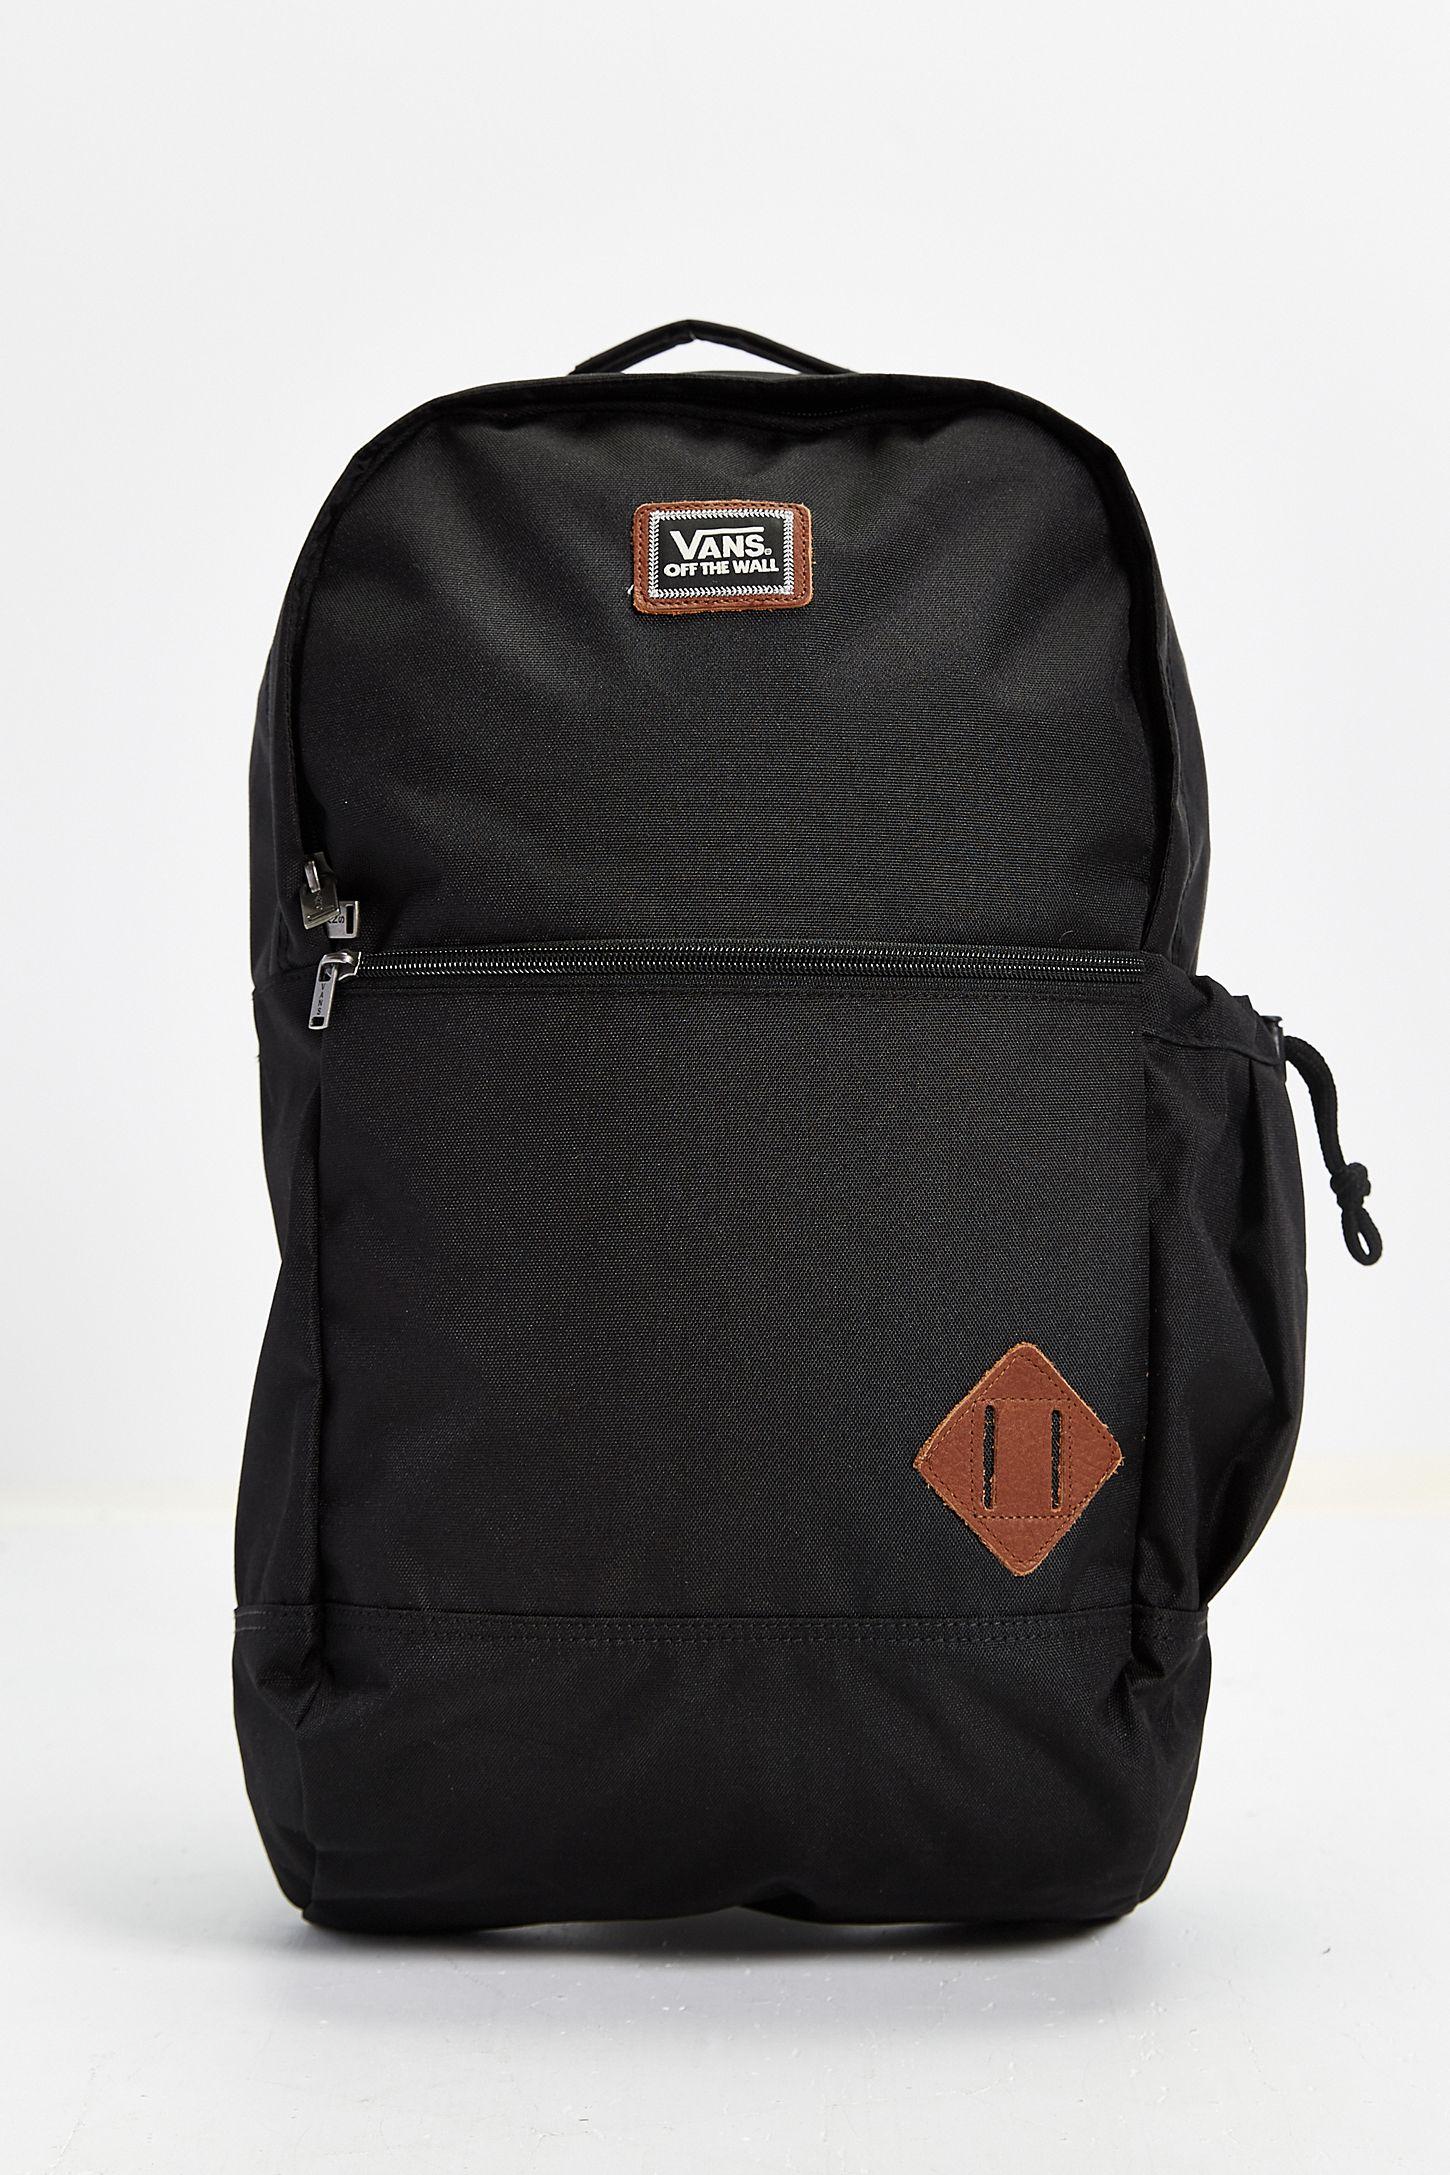 2aed7c867e Vans Van Doren II Backpack